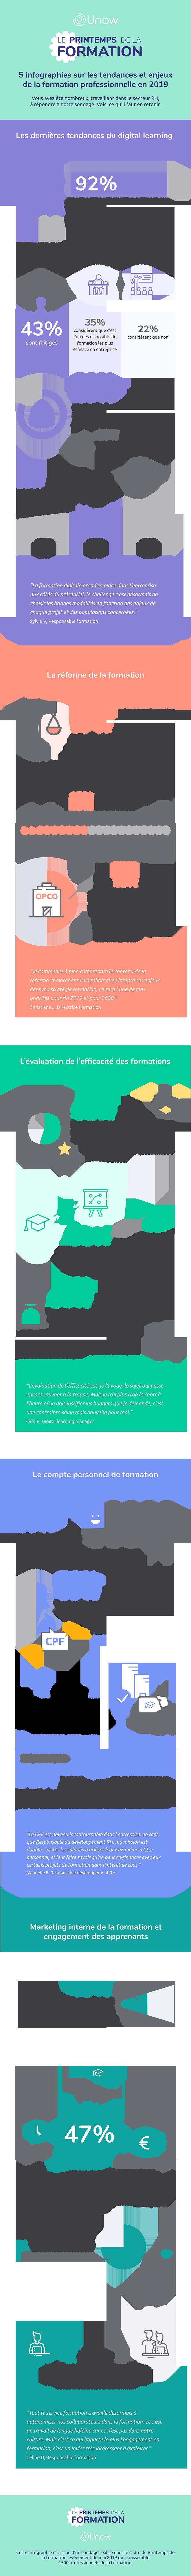 Le digital learning intéresse de plus en plus les entreprises